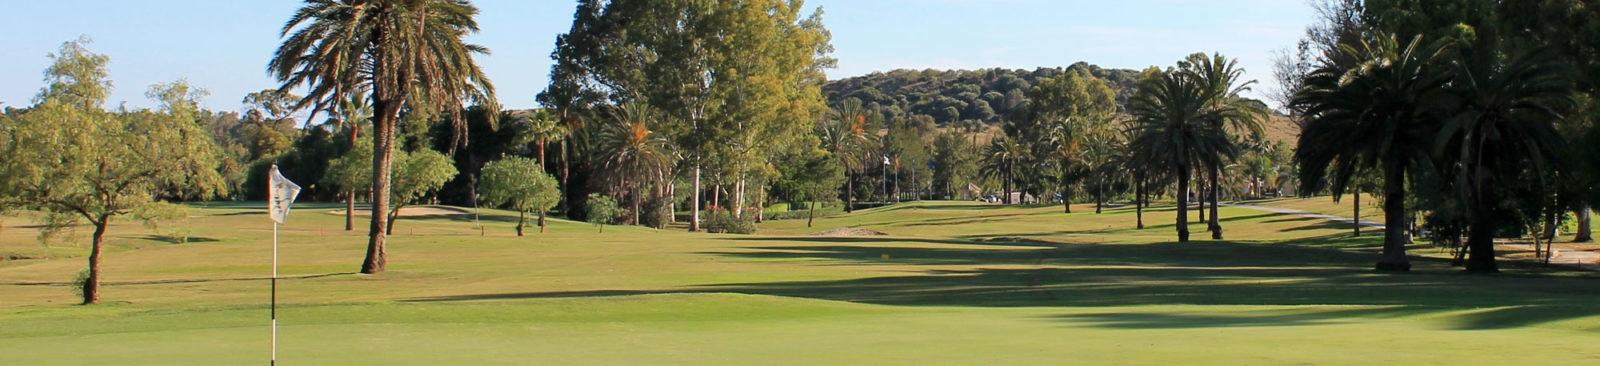 Golf in Benahavis : El Paraiso Golf